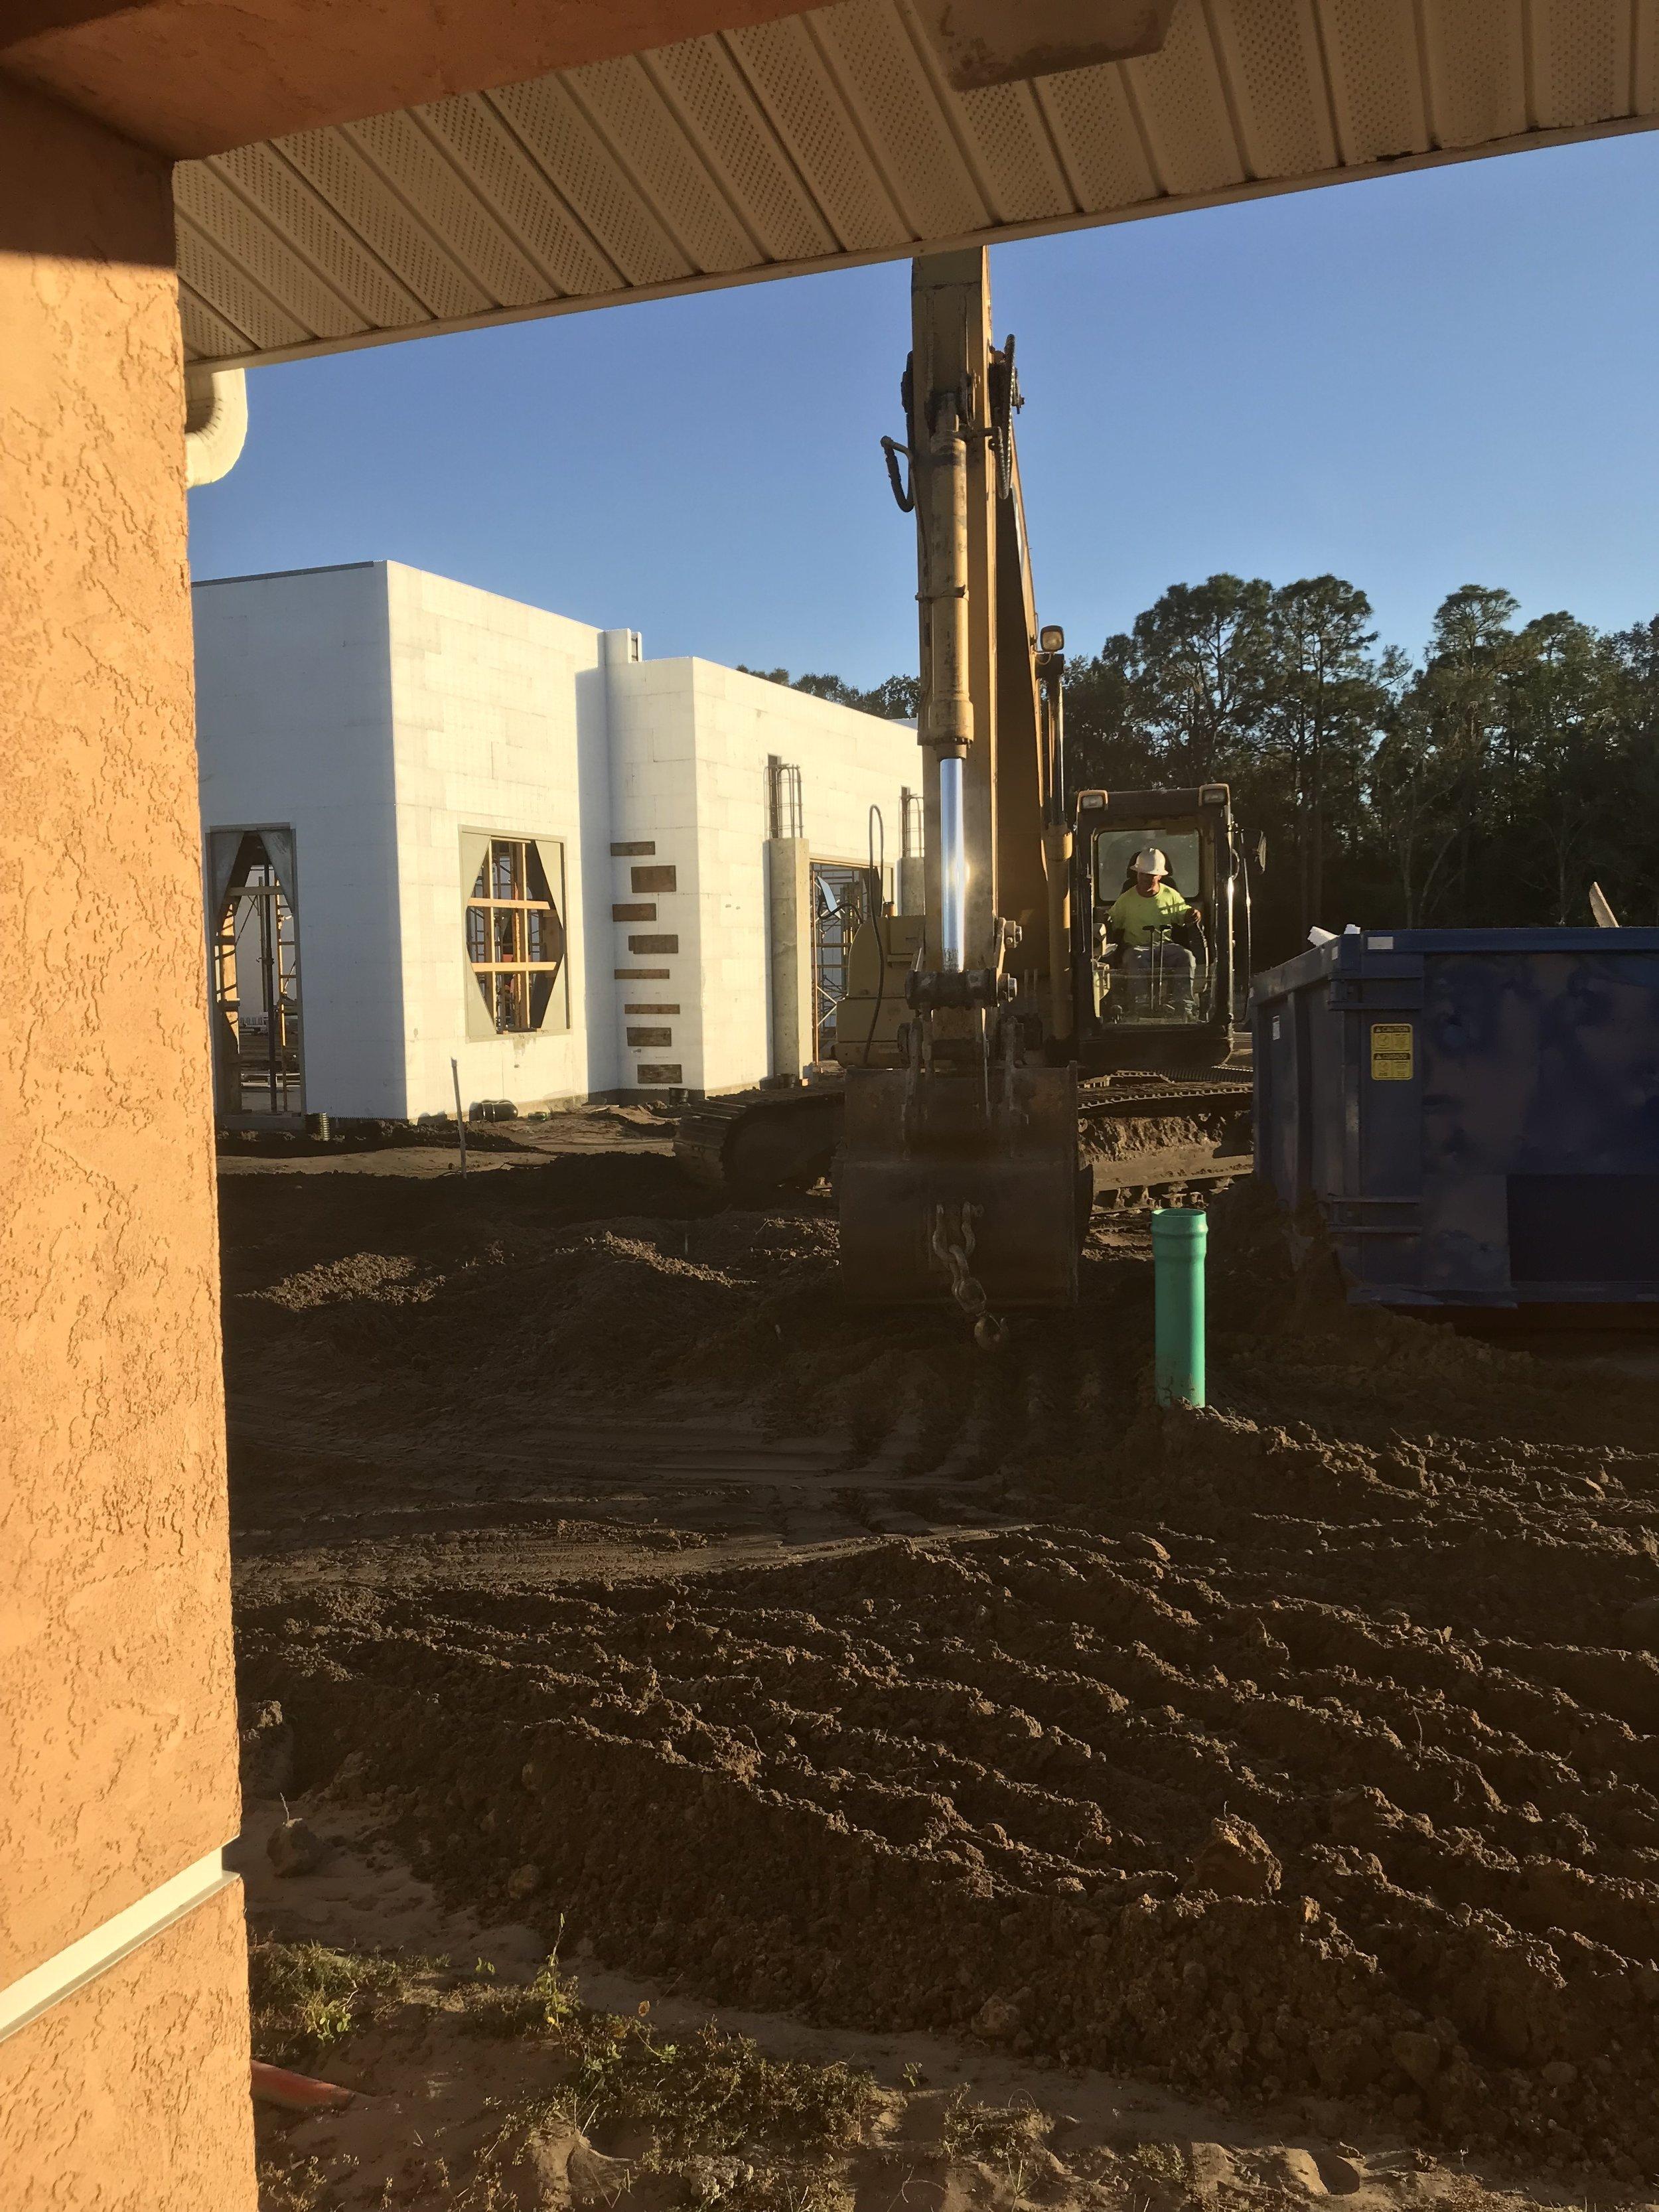 constructiondrill.jpg